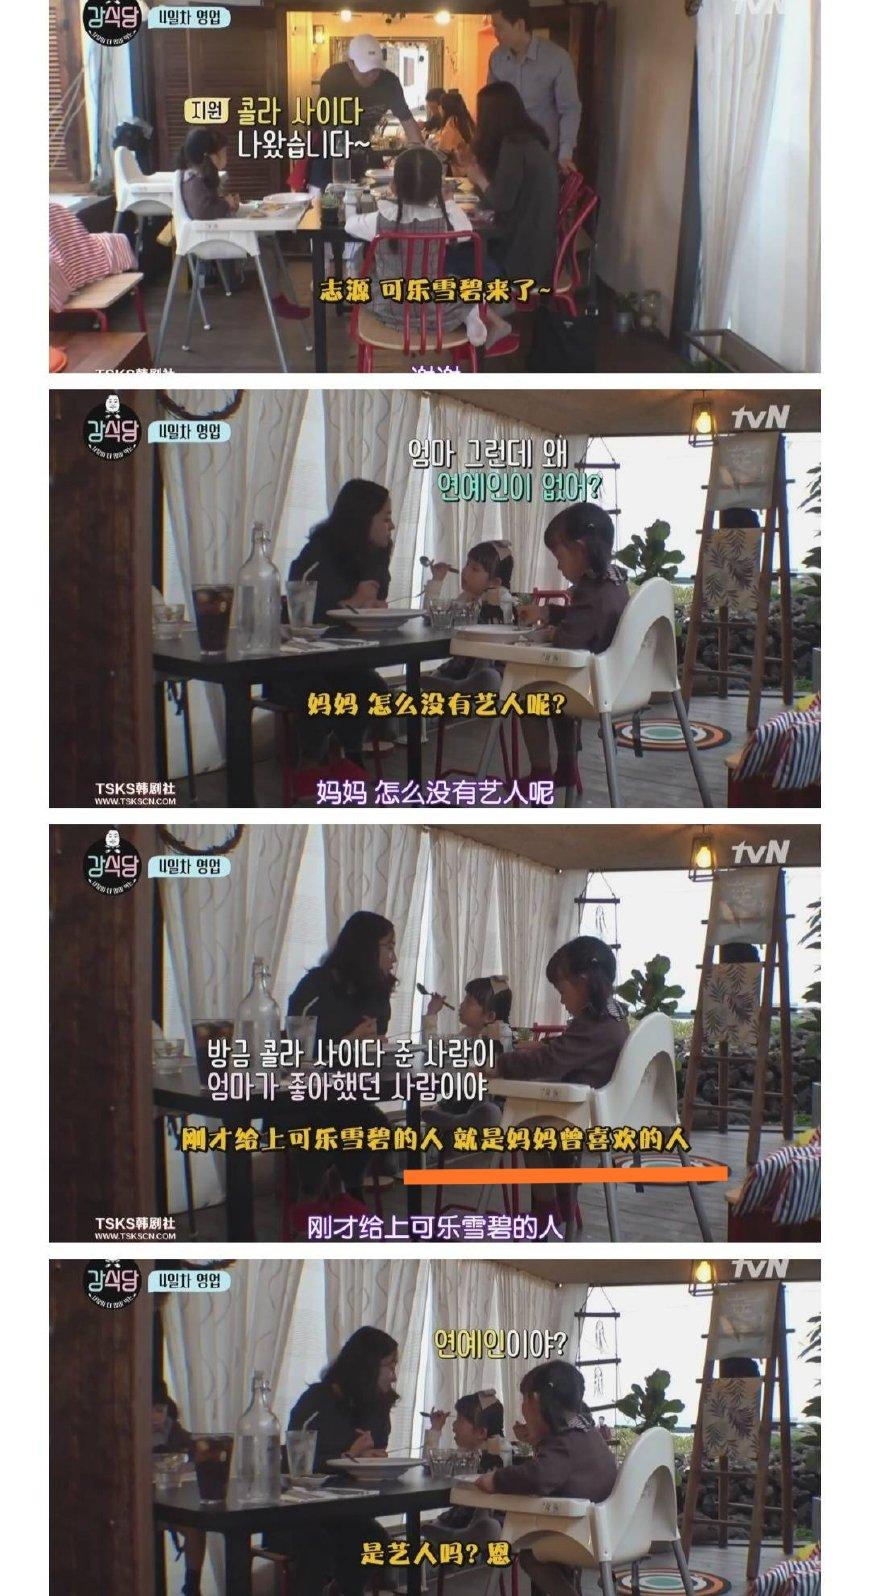 韩综《新西游记》节目组放内幕!爆笑节目背后老粉你都不知道秘密